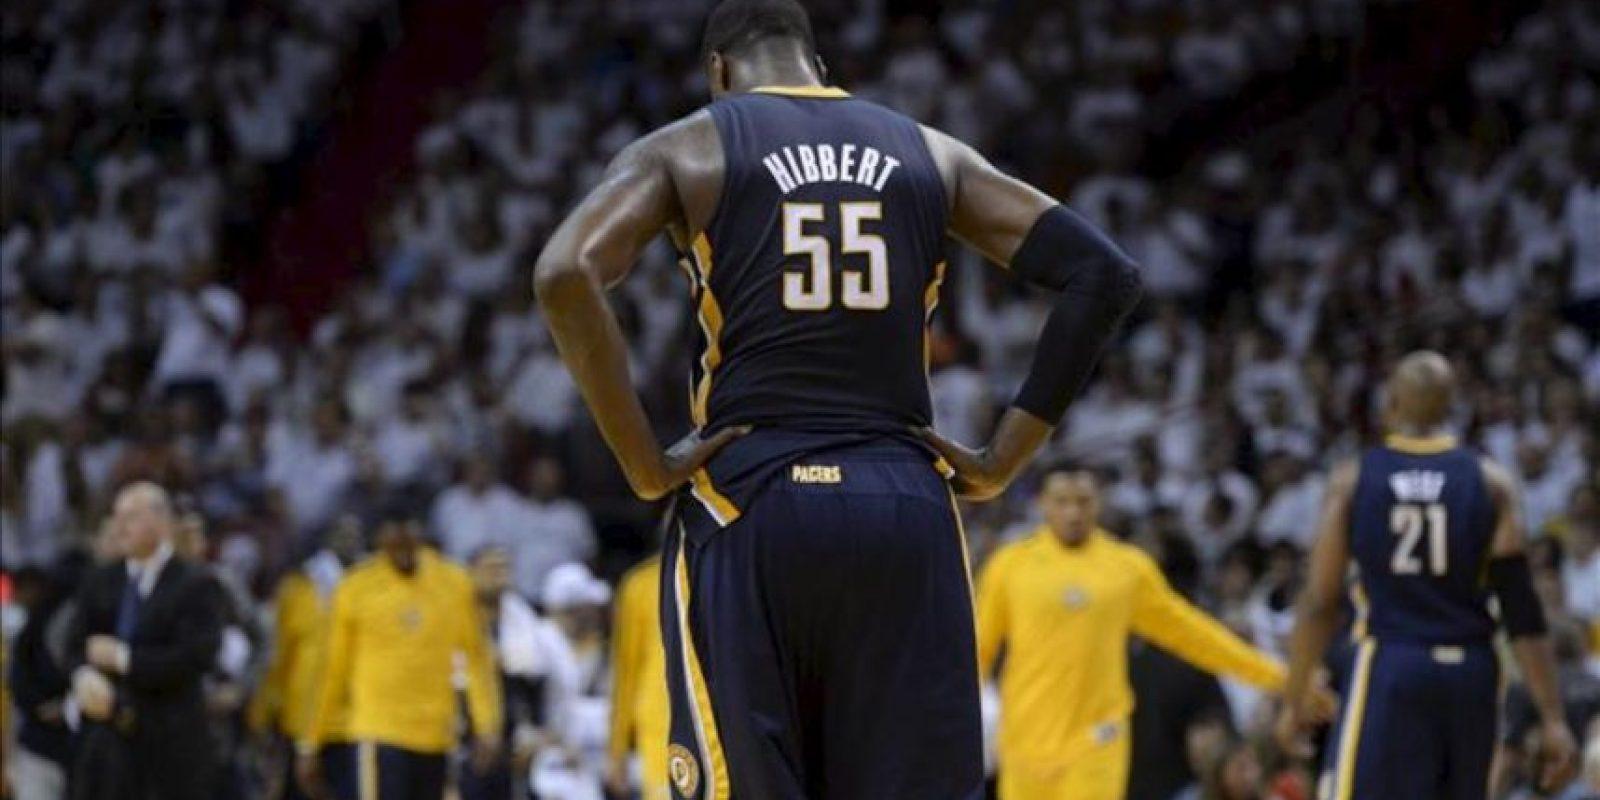 El jugador de Pacers Roy Hibbert sale del campo de juego al final del quinto partido ante Heat por la final de la Conferencia Este de la NBA, en el American Airlines Arena de Miami, Florida (EE.UU.). EFE